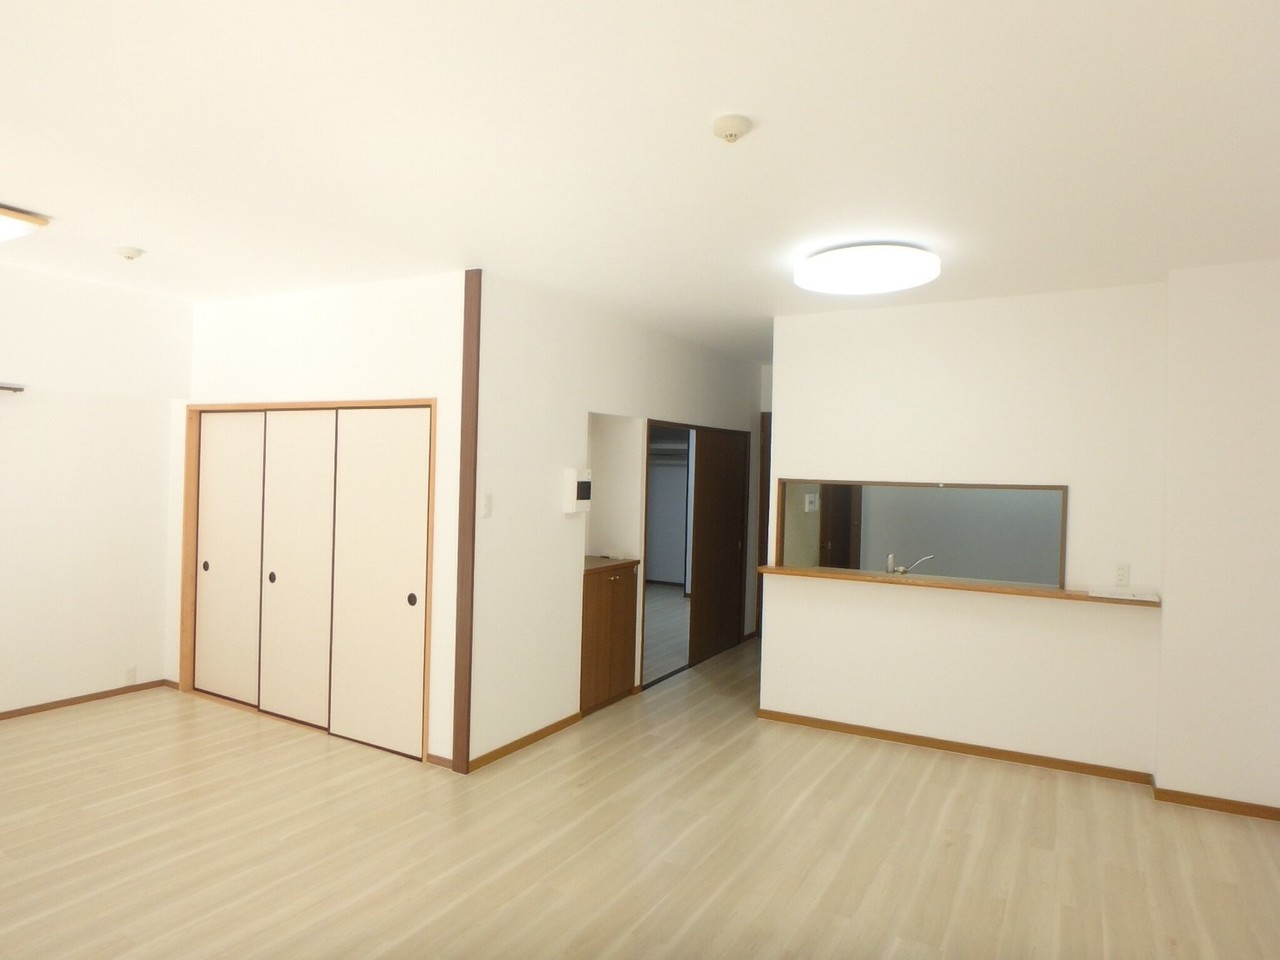 広々とした開放的な空間です。 収納スペースが多いところが魅力的ですね◎